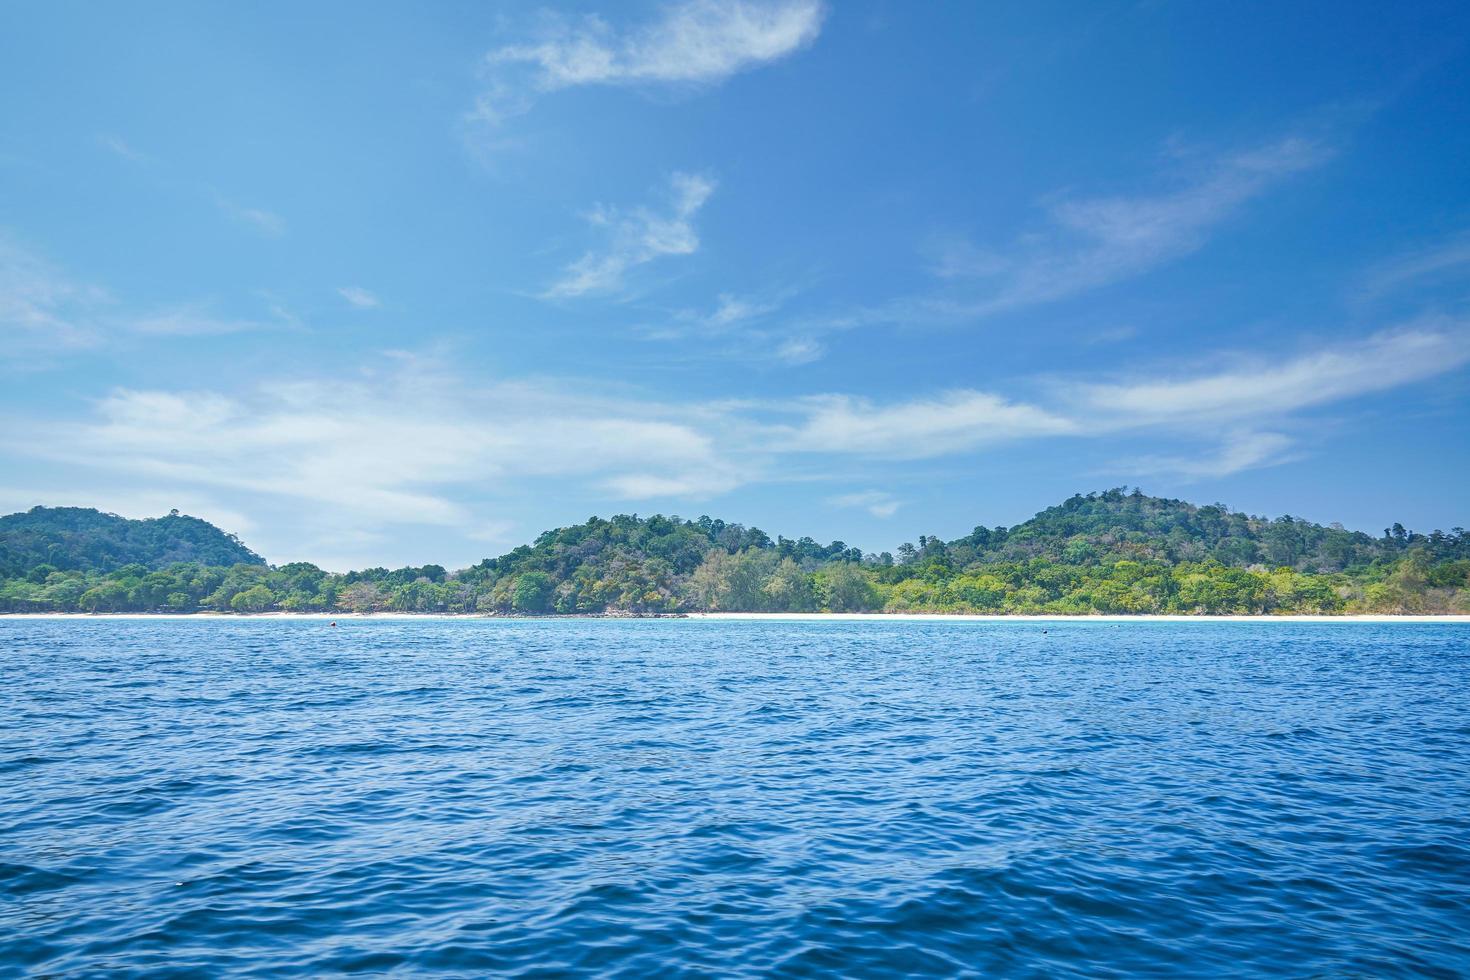 zeegezicht met diepe blauwe oceaan en eiland Thailand foto